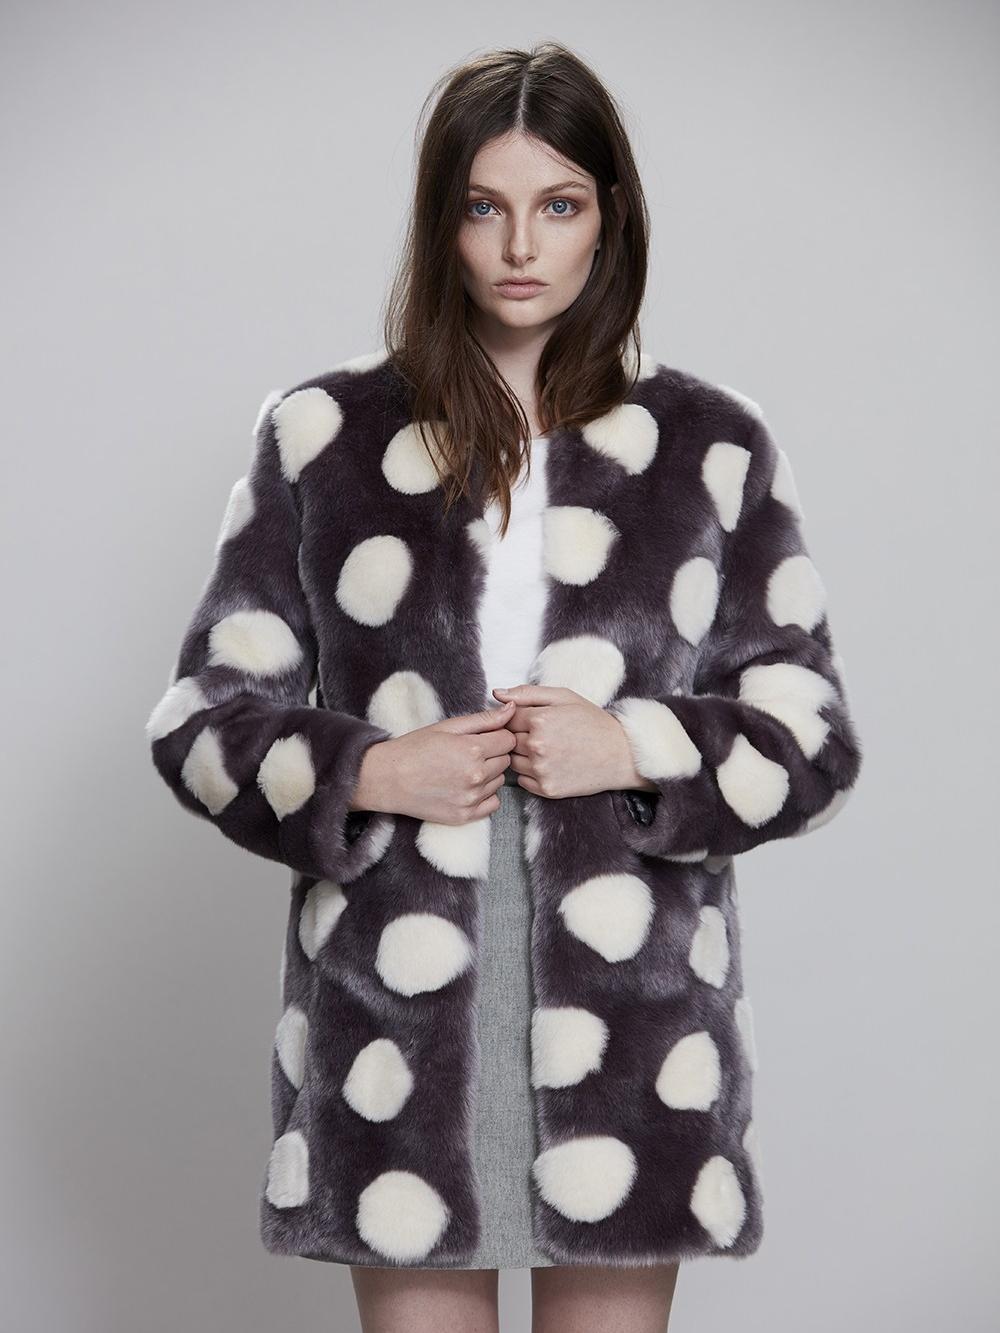 Best Faux Fur Coat:  Bubbles Coat by Unreal Fur